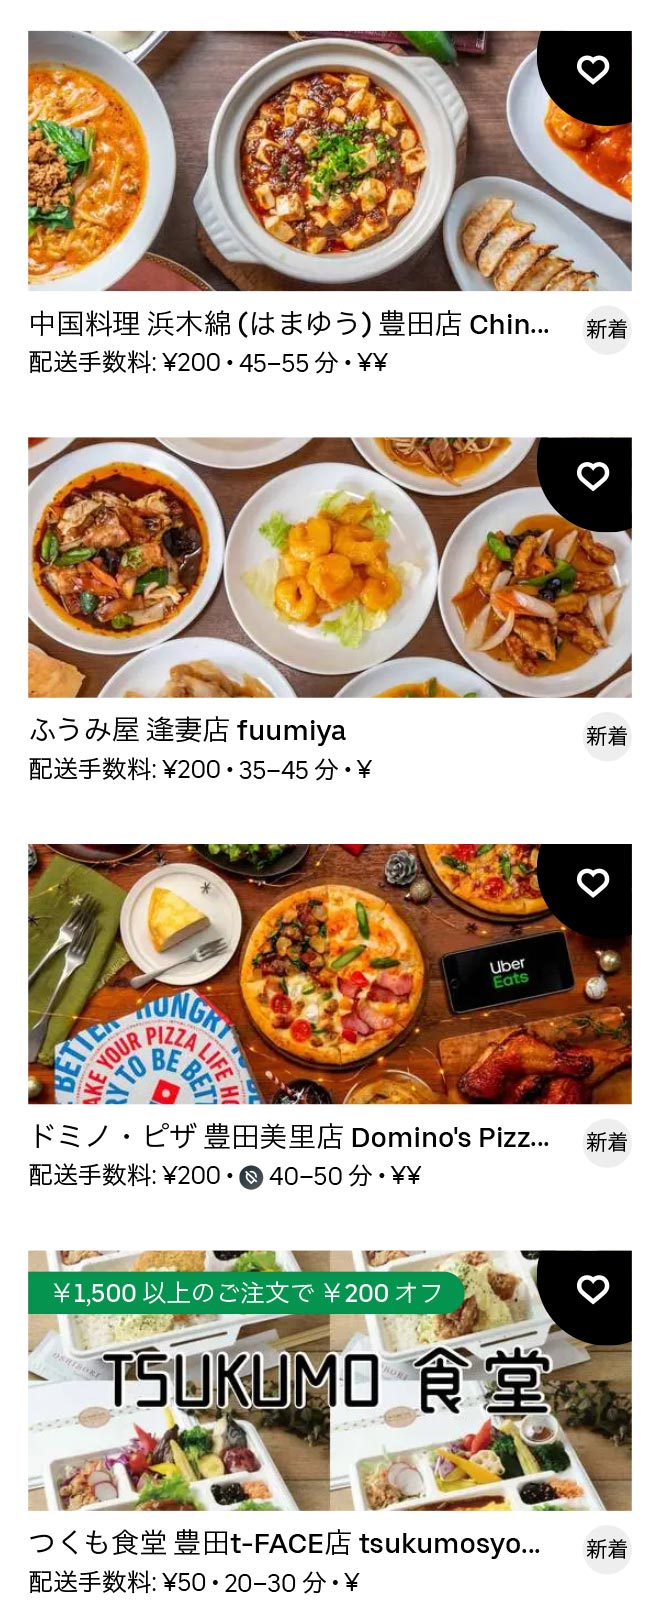 Toyotashi menu 2012 10